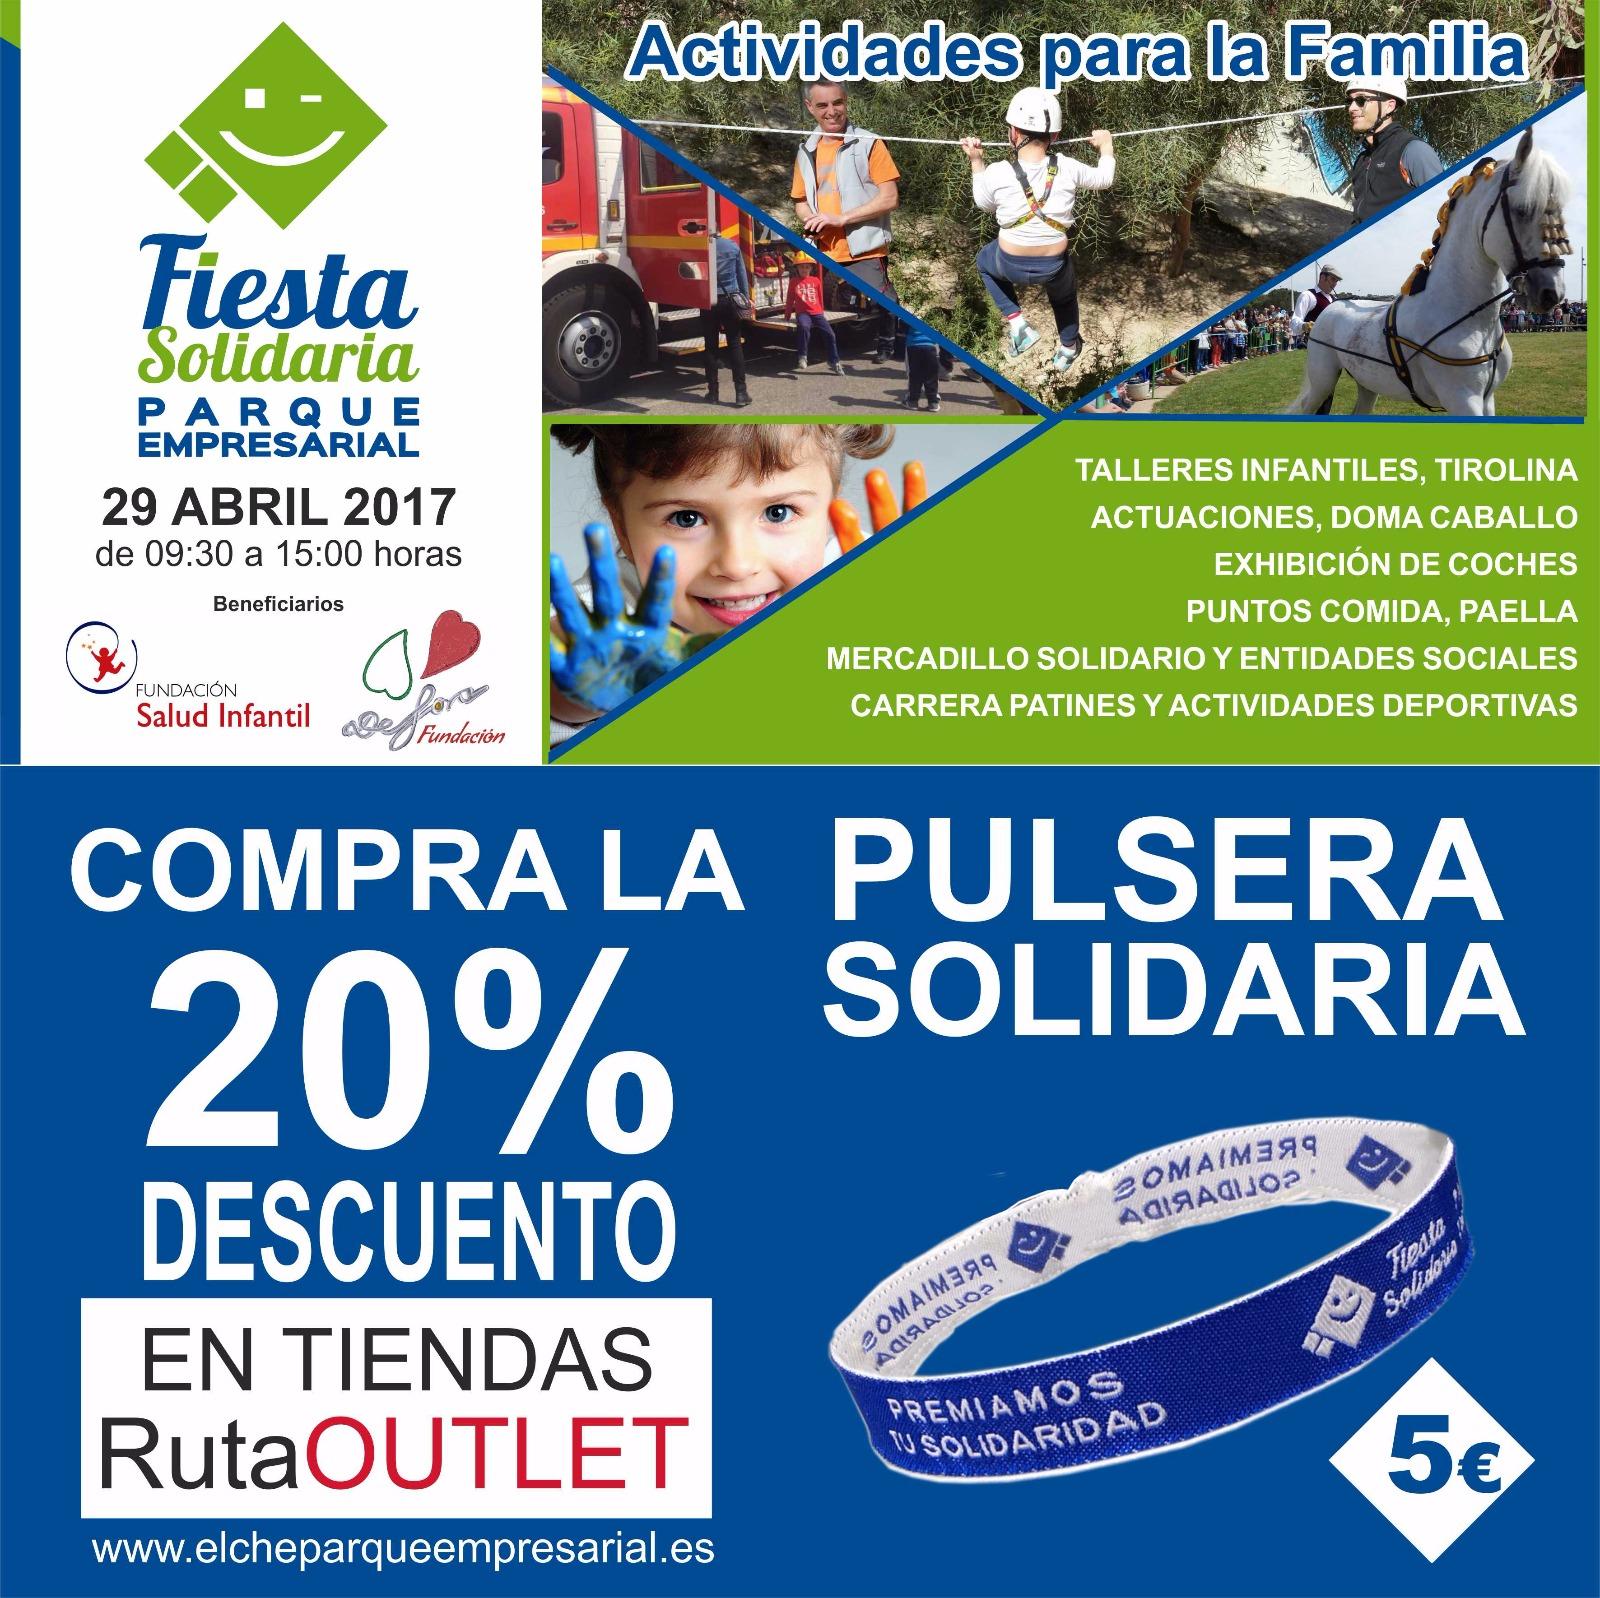 VI Fiesta Solidaria del Parque Empresarial